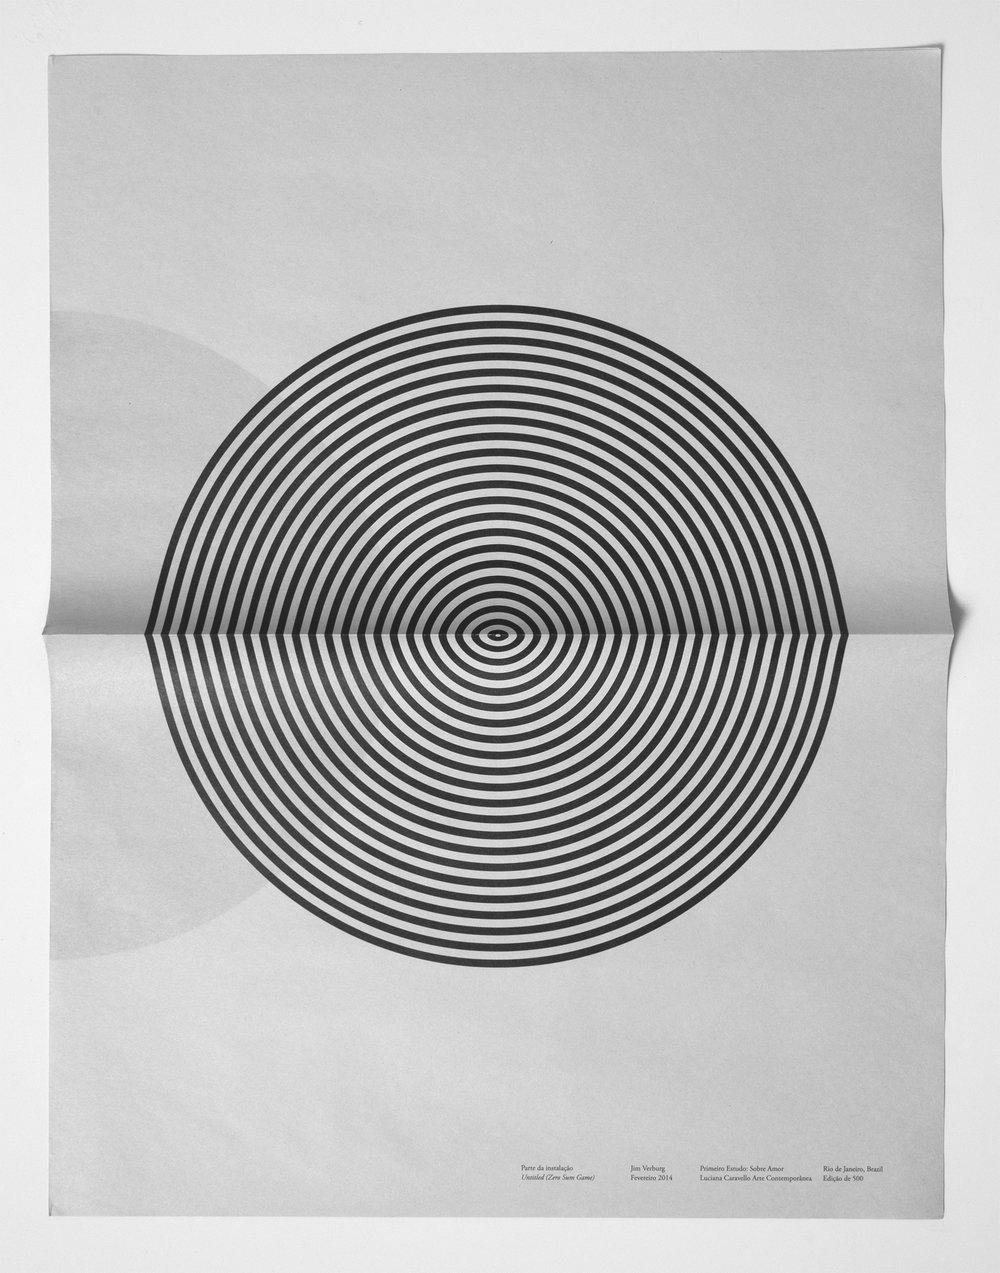 """Jim Verburg,  Untitled (Zero Sum Game),  2011, journaux pliés empilés, dimensions variables, 89 x 56 cm (35"""" x 22"""") ouverts"""